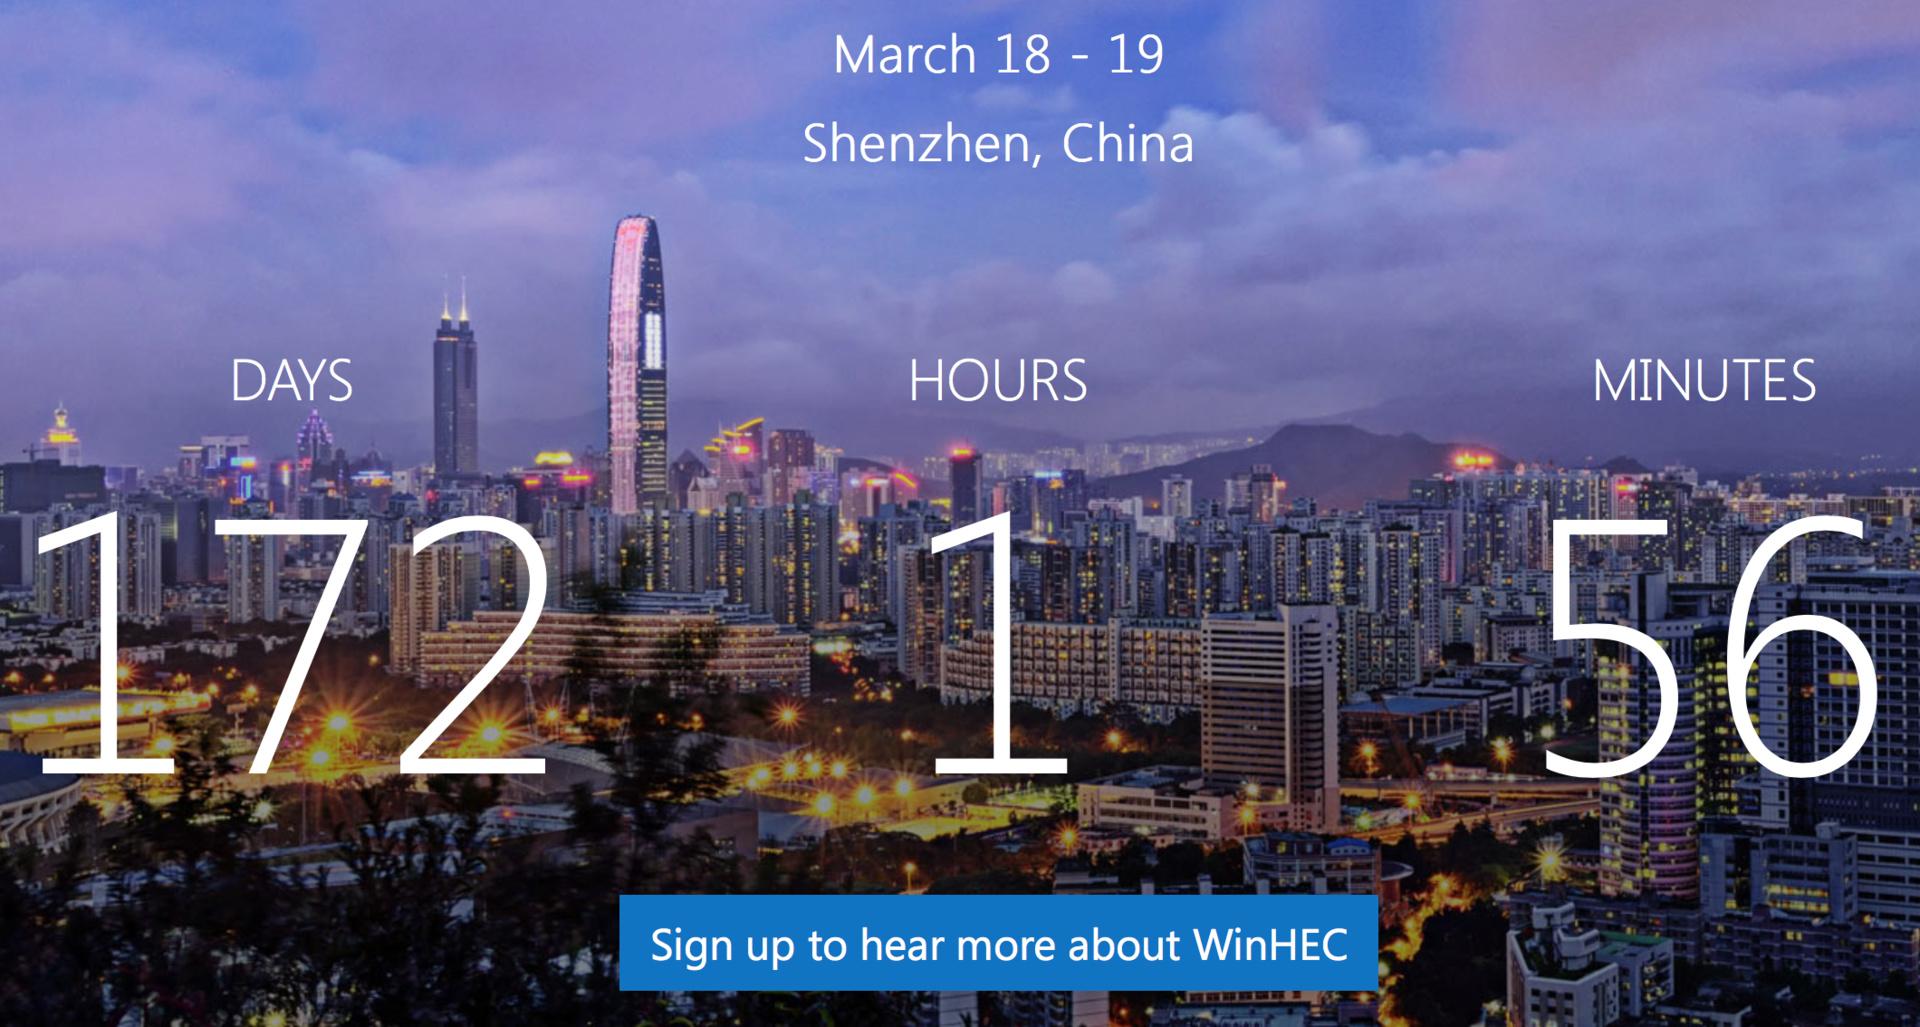 Die erste WinHEC findet in Shenzhen statt